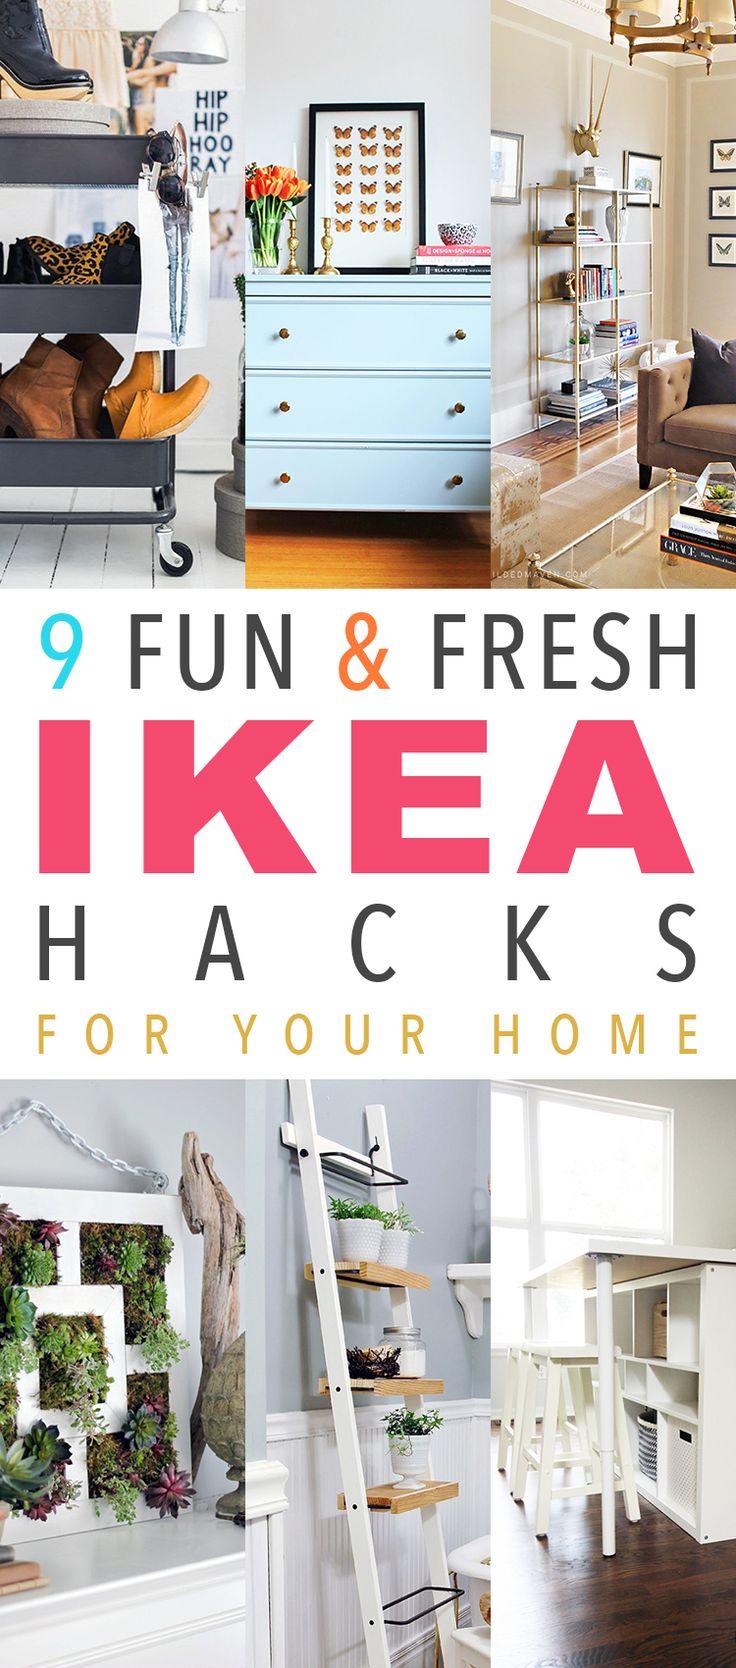 die besten 25 sitzbank truhe ideen auf pinterest sitztruhe garderobe mit sitzbank und. Black Bedroom Furniture Sets. Home Design Ideas